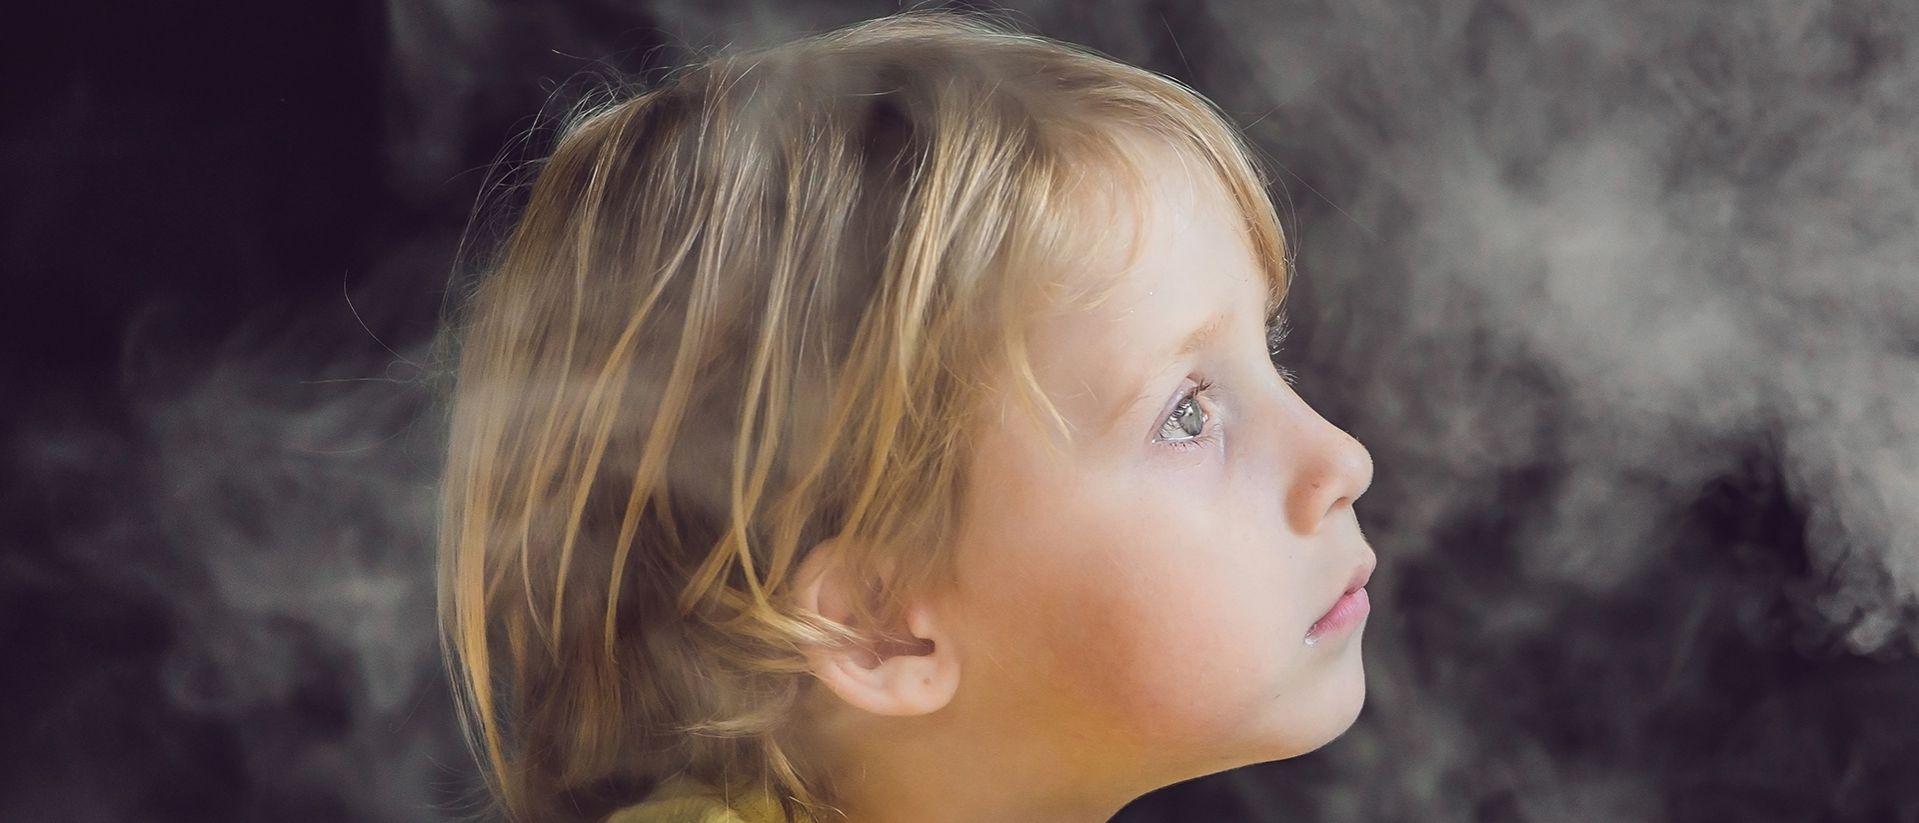 L'inquinamento atmosferico riduce la capacità polmonare nei bambini